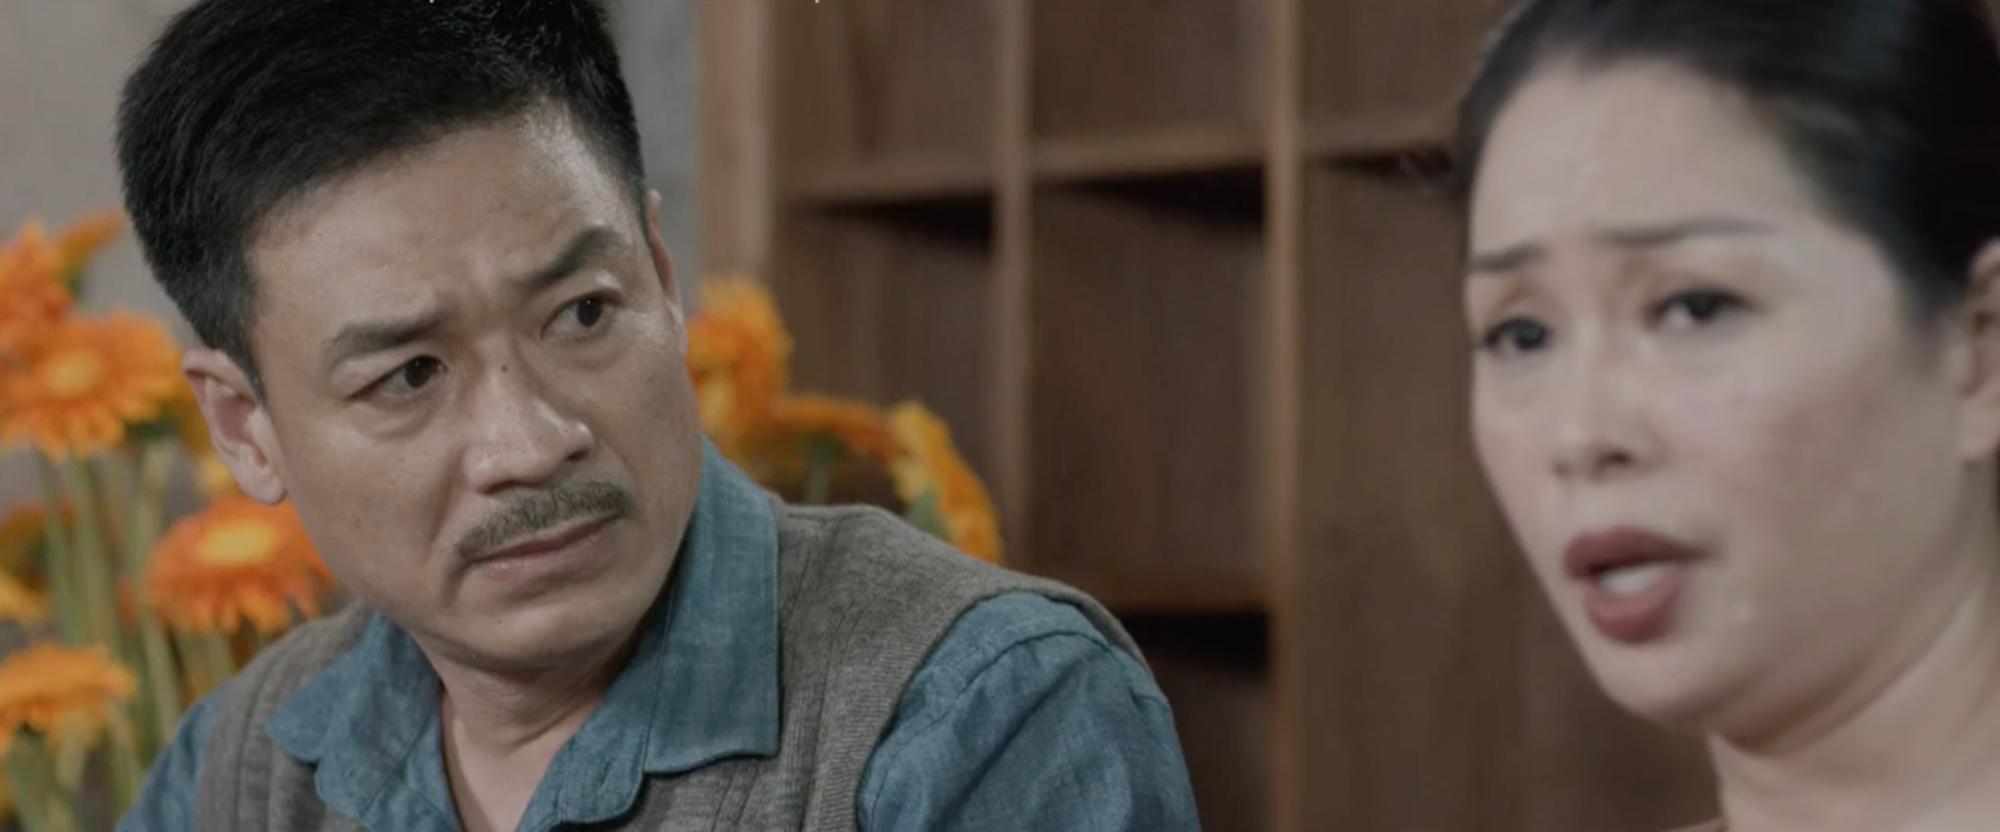 Lưu Đê Ly đối diện với nỗi ám ảnh cuộc đời, Huỳnh Anh nhanh chóng ra tay trong Chạy Trốn Thanh Xuân - Ảnh 1.